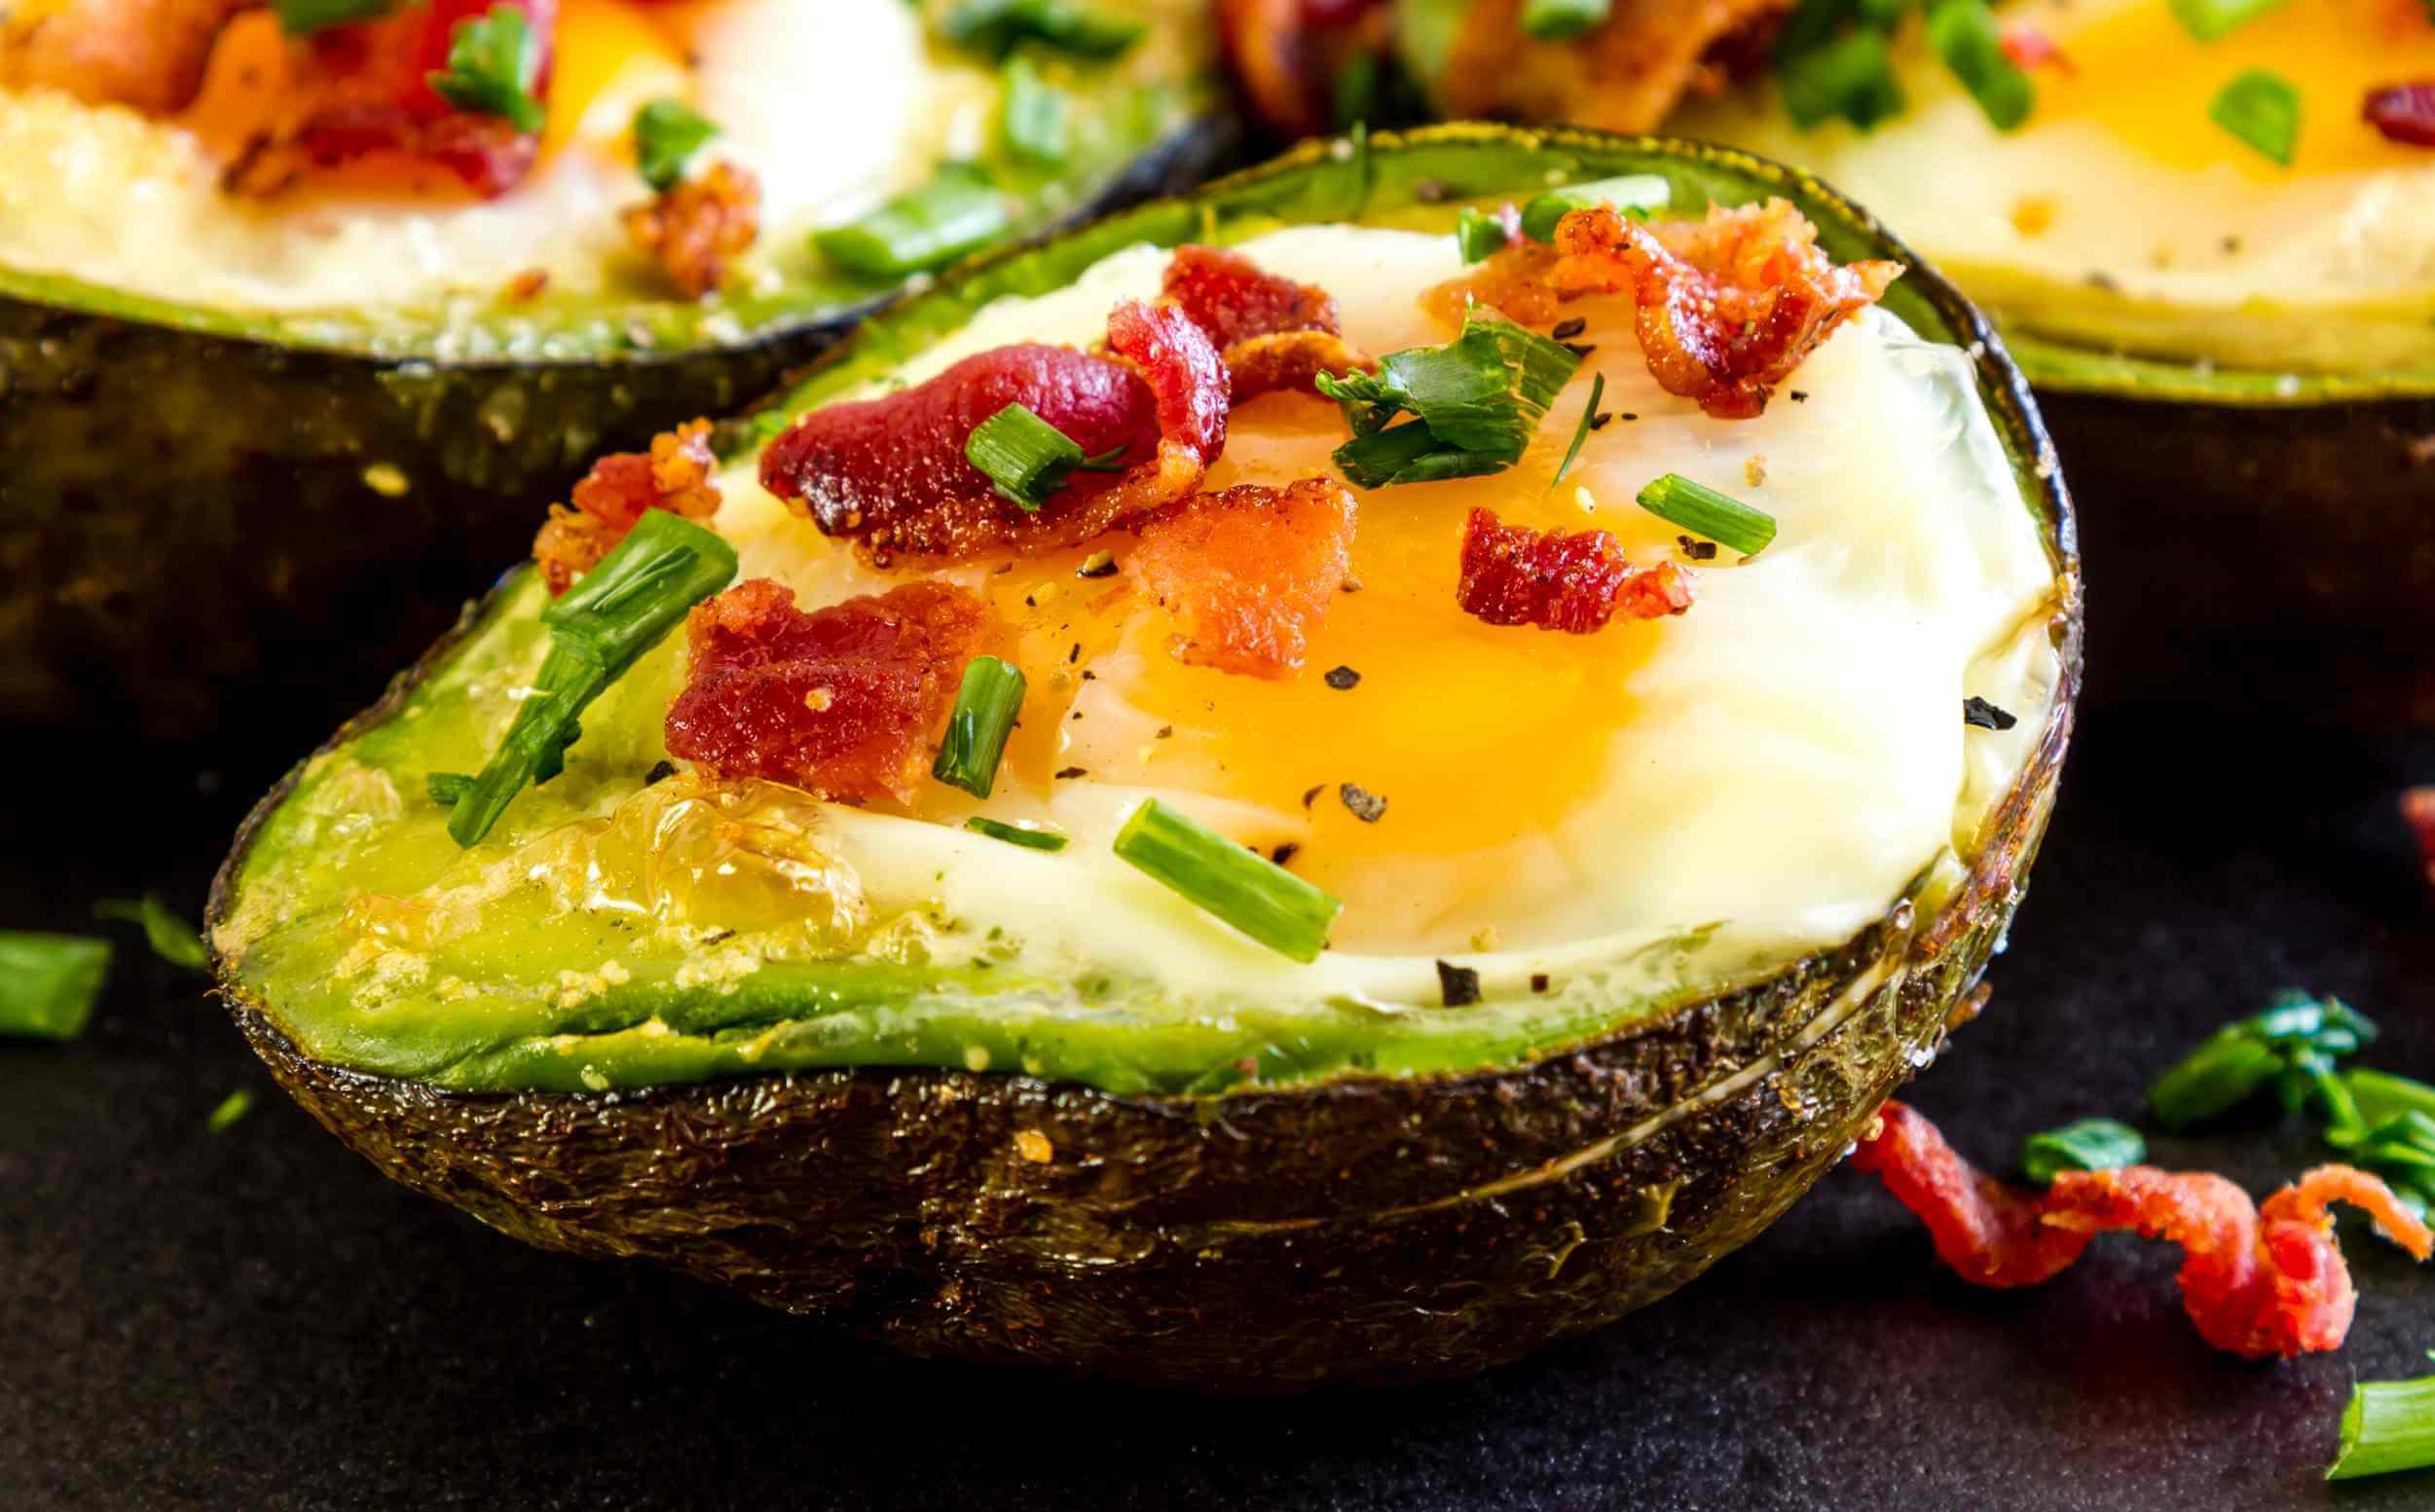 Avocado and Bacon breakfast